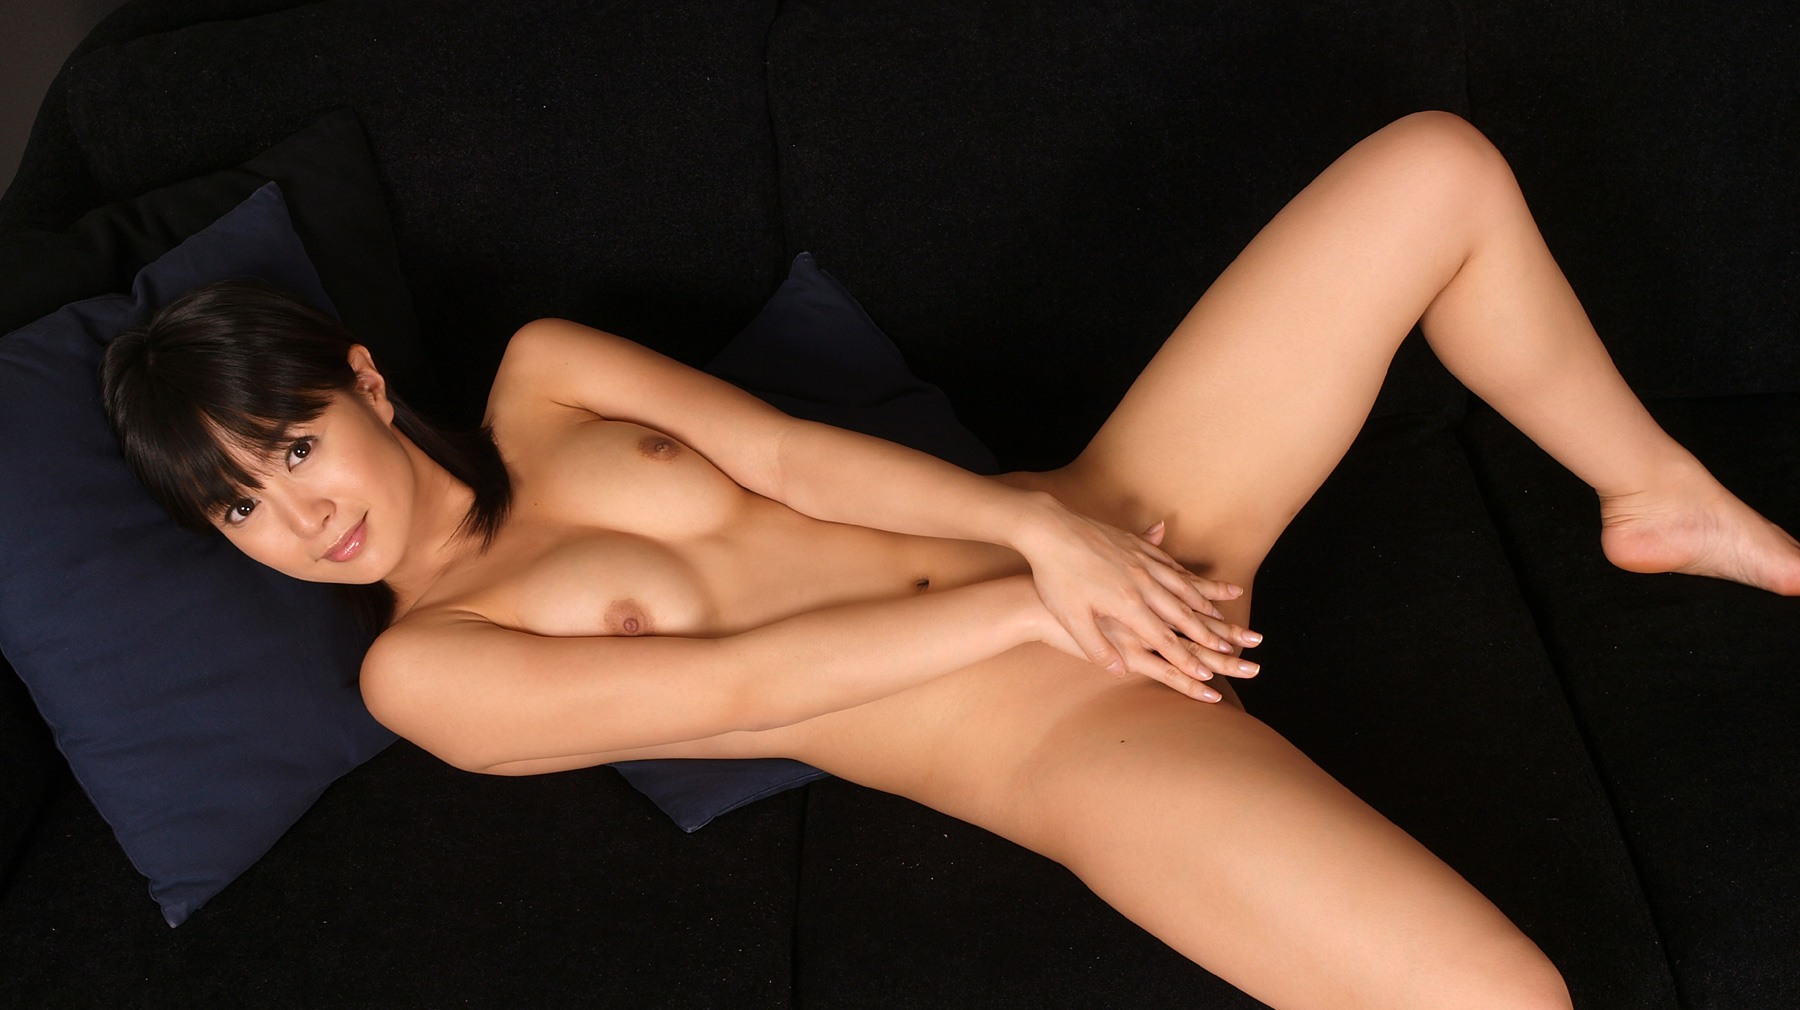 全裸でオマンコ必死に隠してる往生際悪い女のエロ画像32枚・20枚目の画像